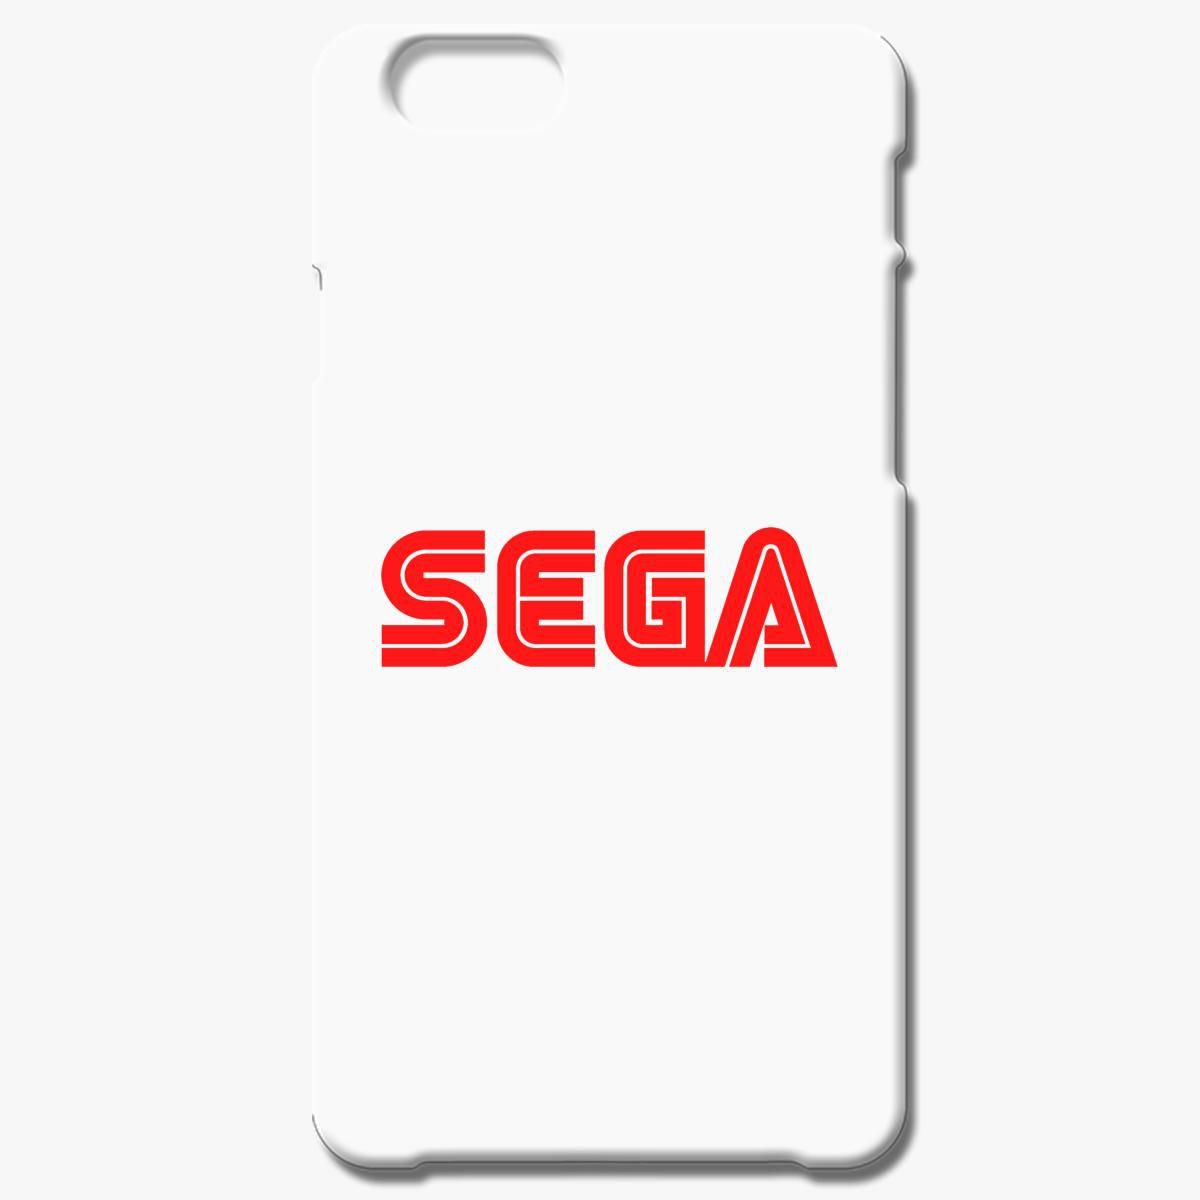 Sega Logo Iphone 6 6s Plus Case